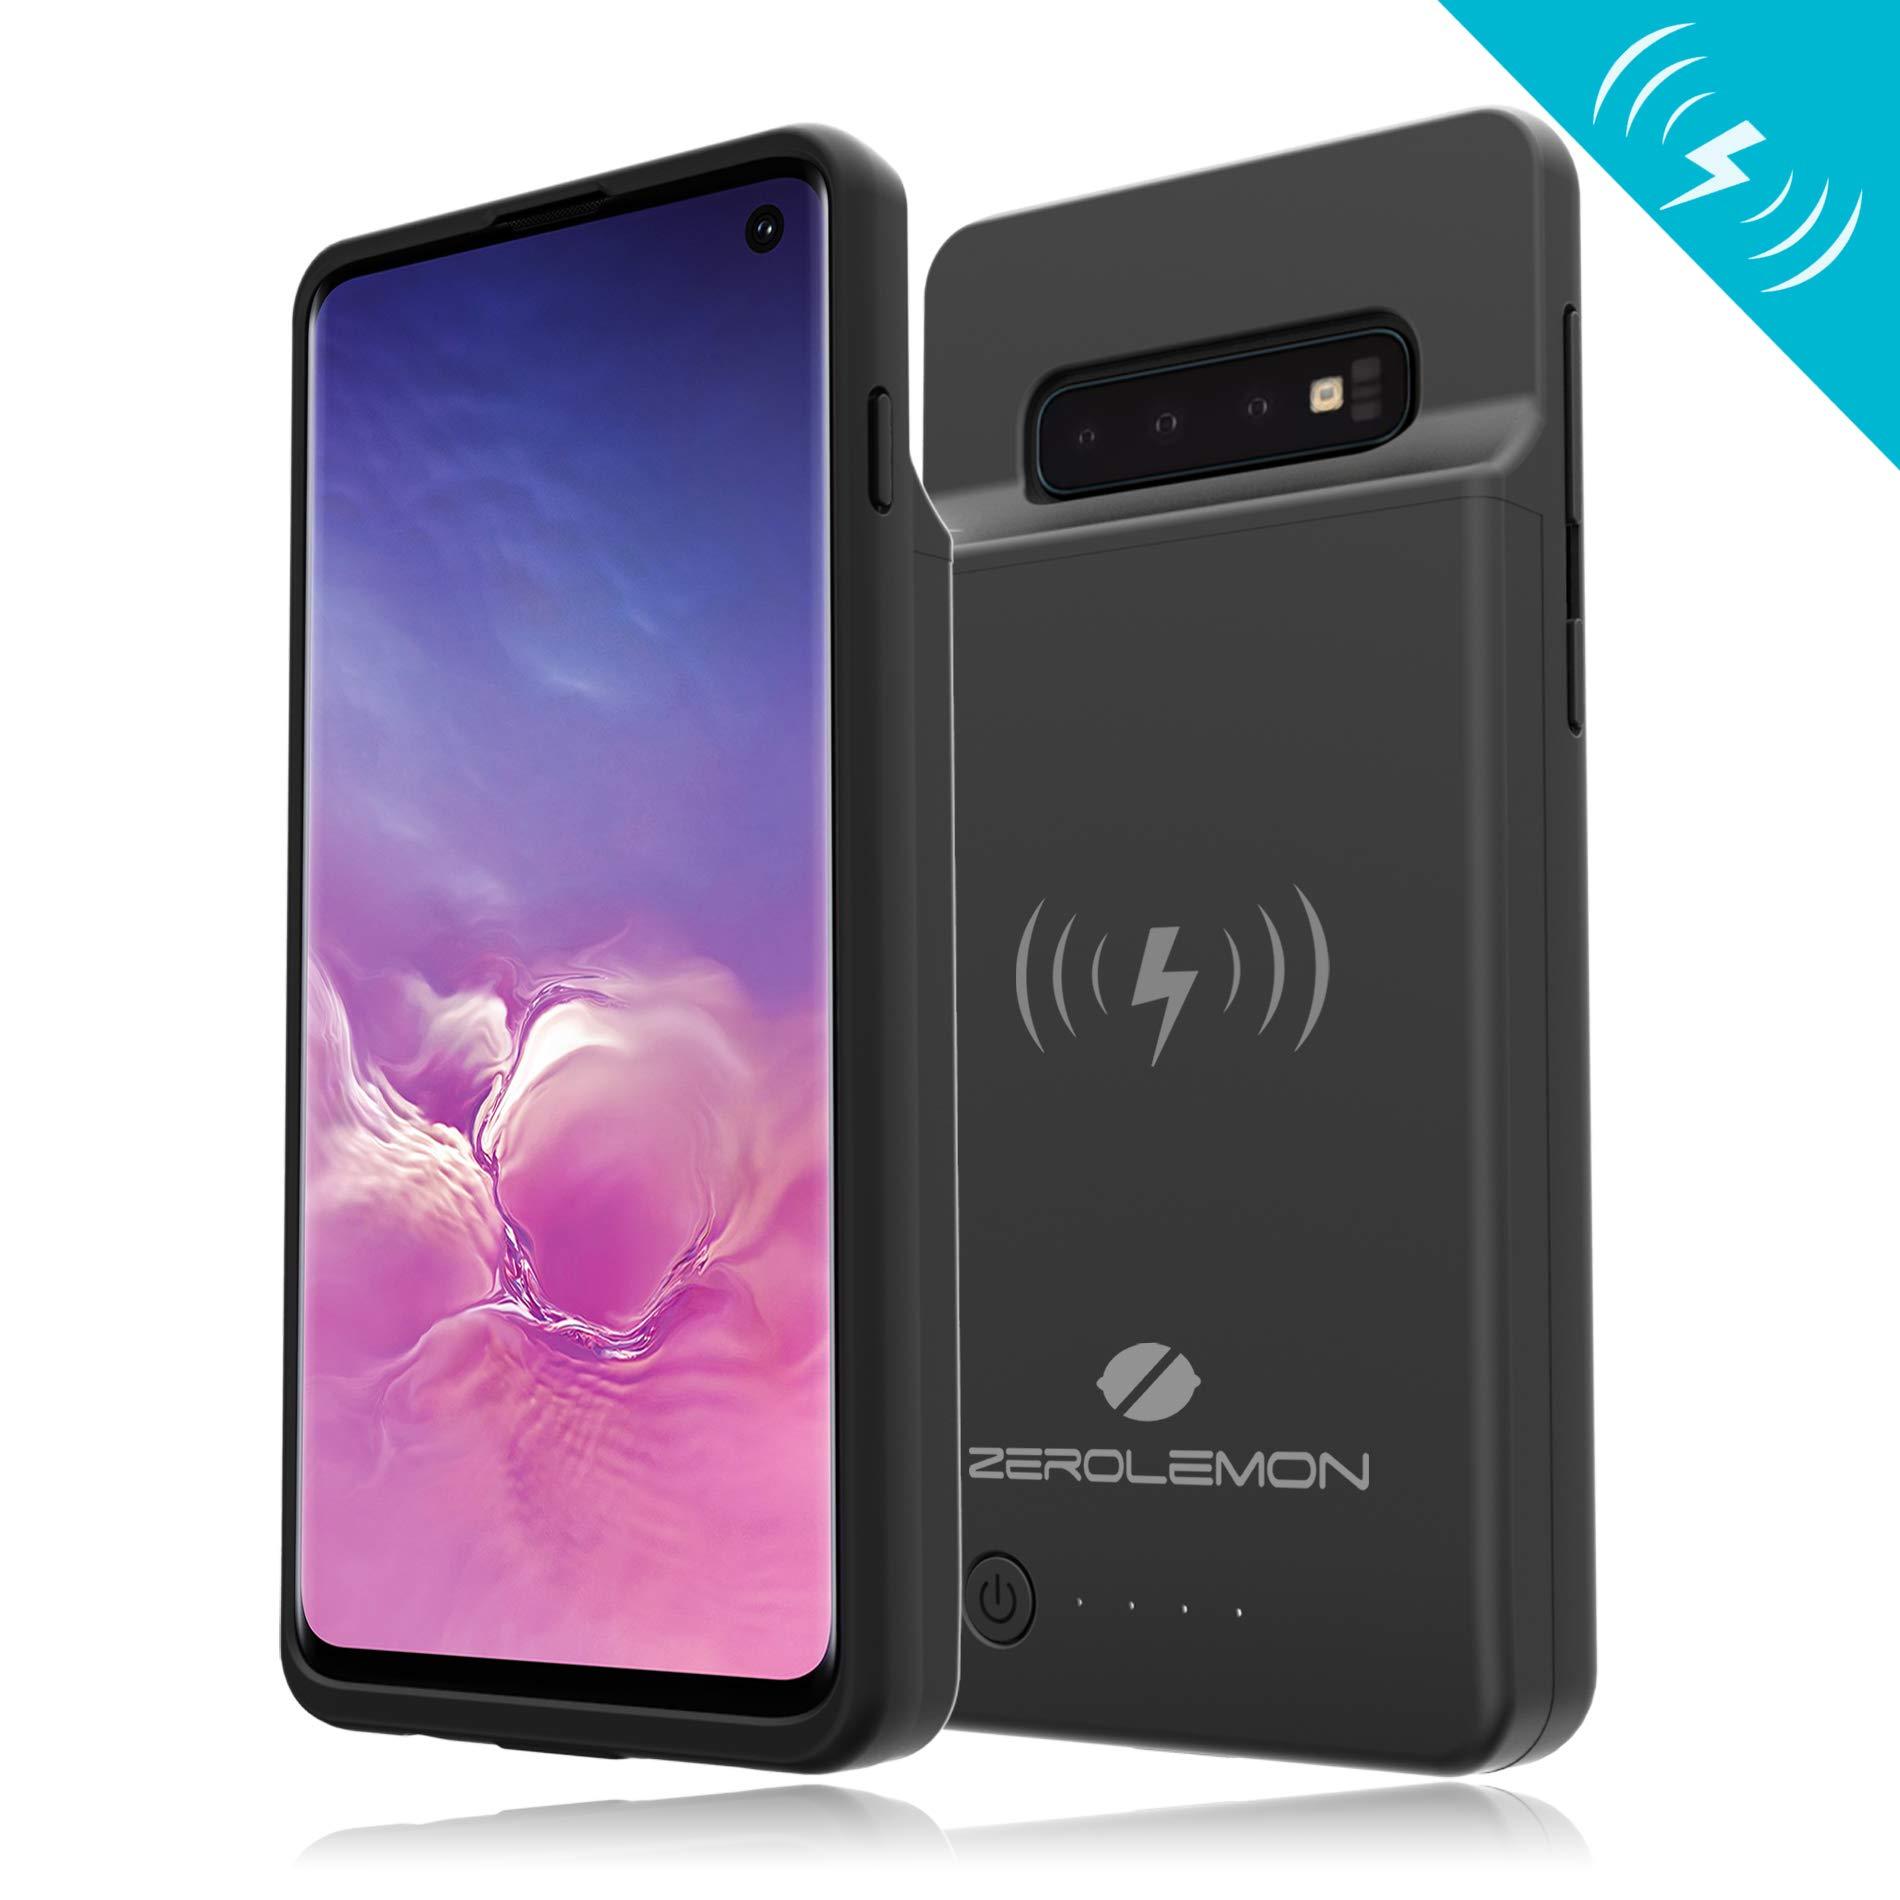 Funda Con Bateria de 5000mah para Samsung Galaxy S10 ZEROLEMON [7285VPB1]